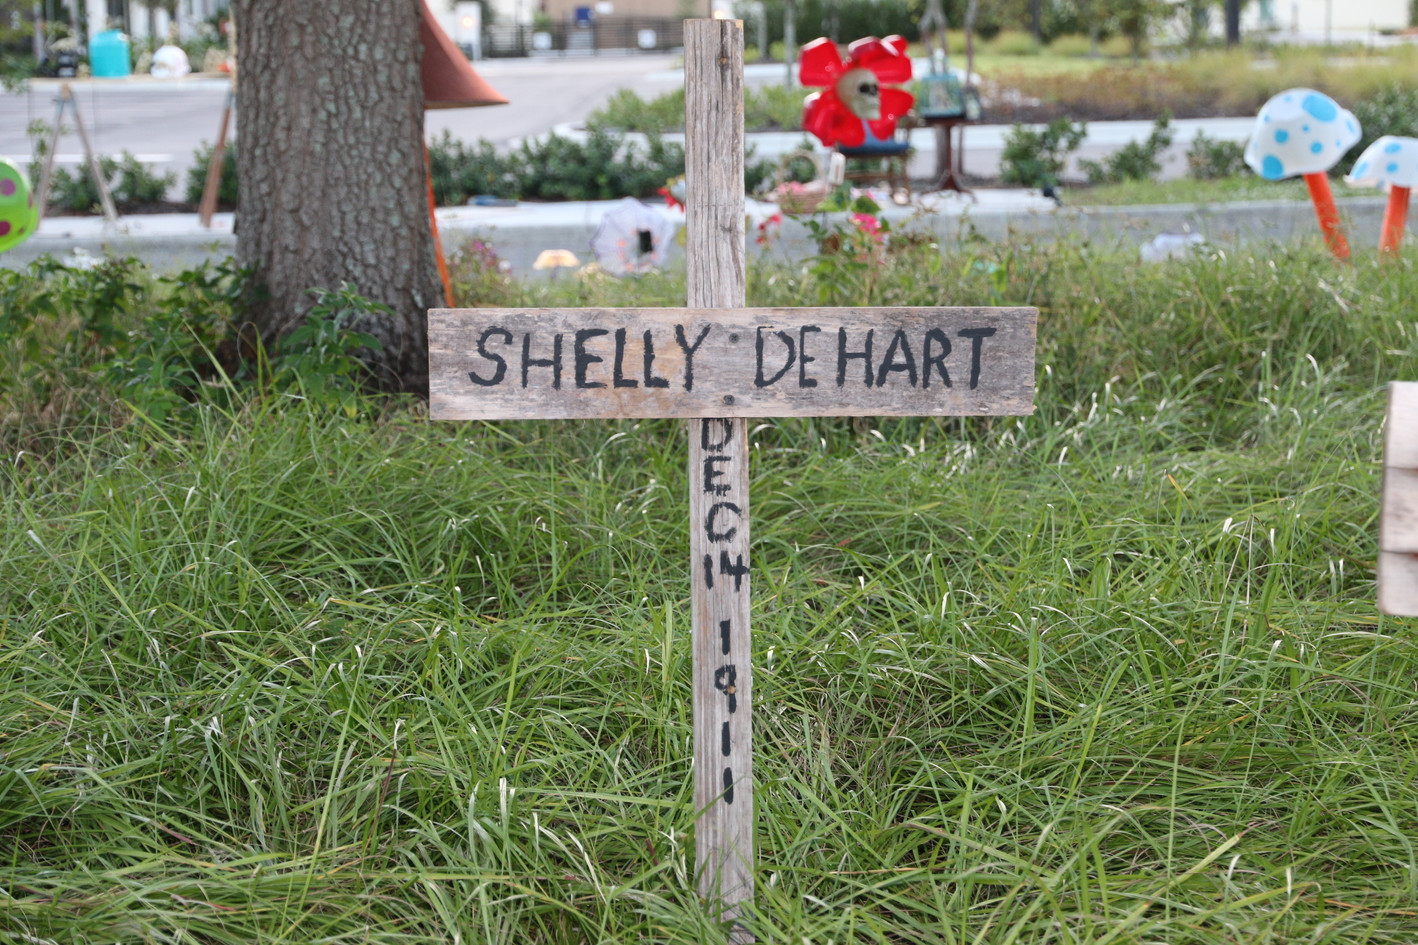 Shelly Dehart